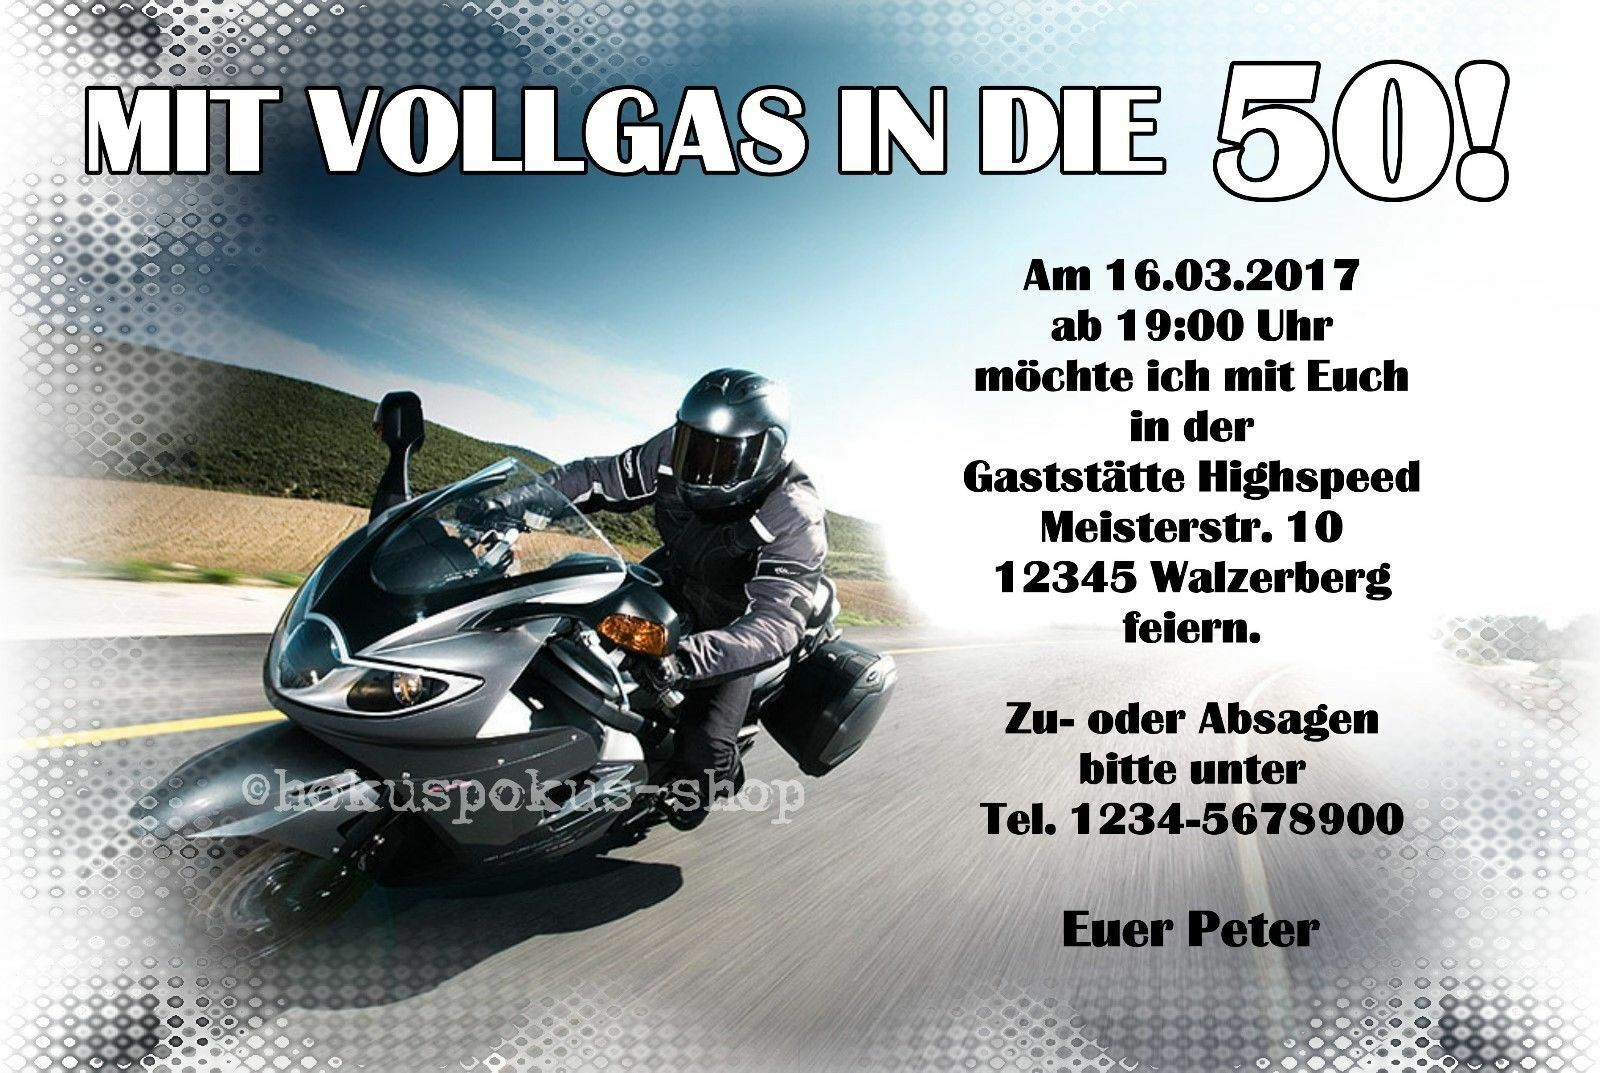 50 Einladungskarten Geburtstag VOLLGAS  Motorrad Biker Einladungen jedes Alter